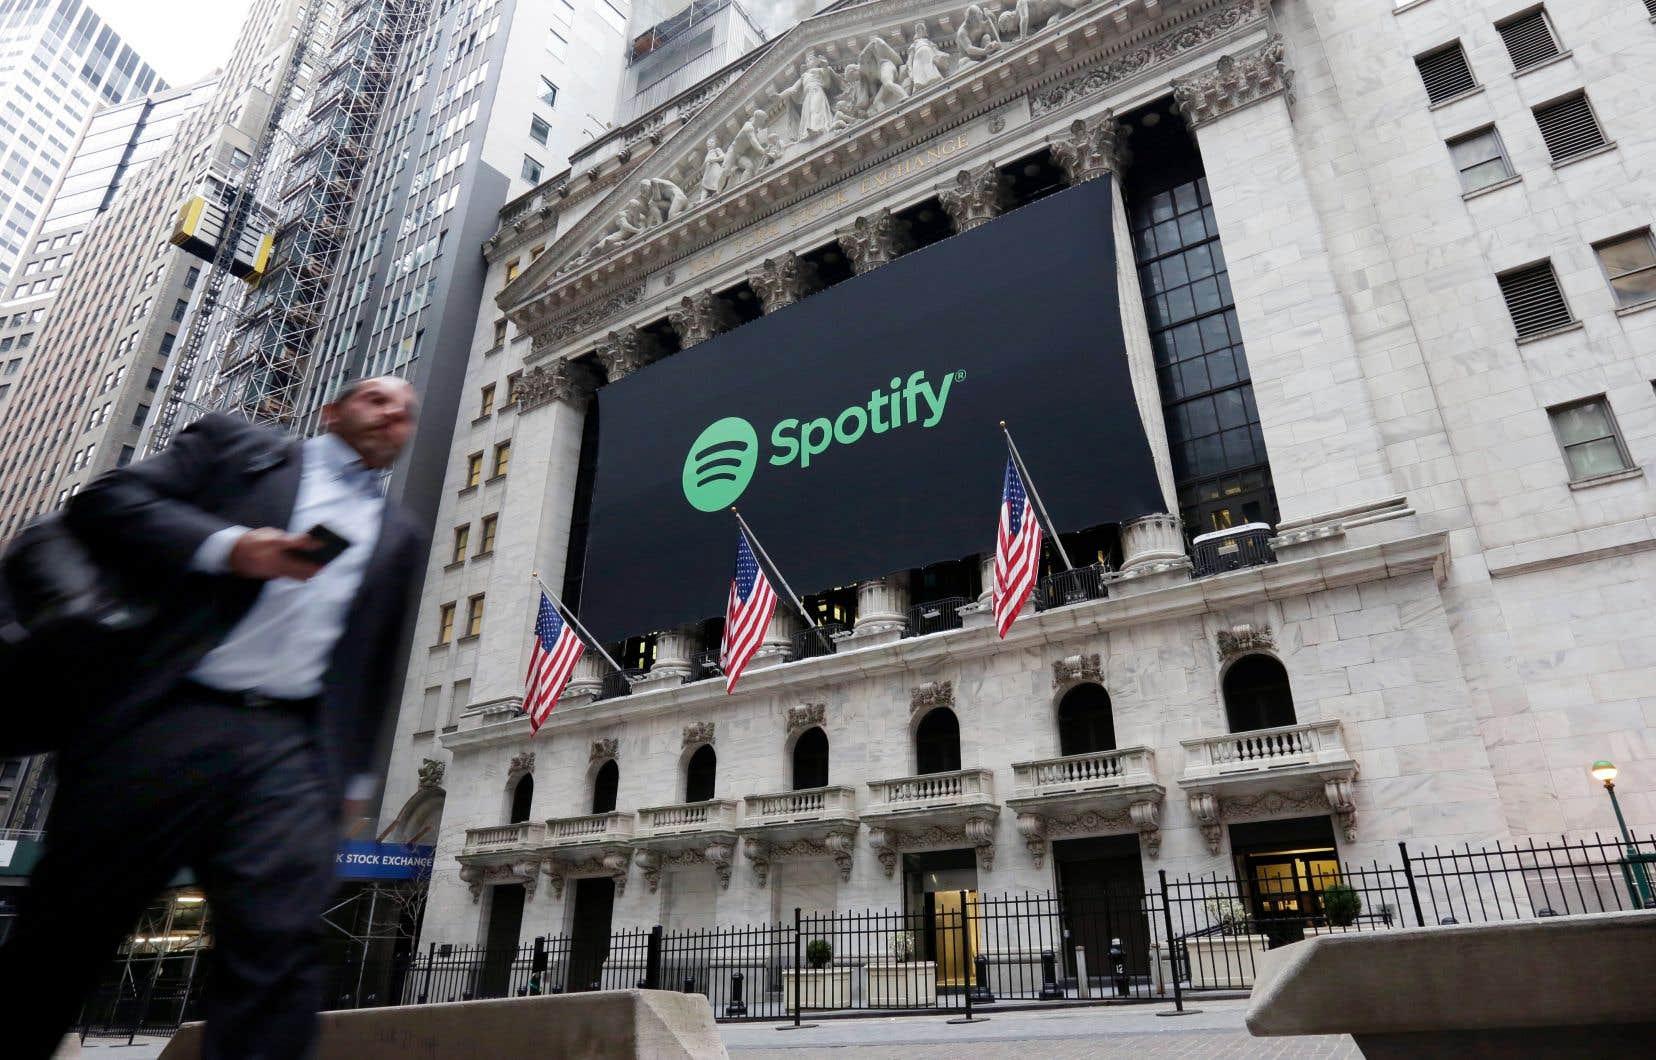 Une grande bannière a été déployée sur la façade du bâtiment de la Bourse de New York.